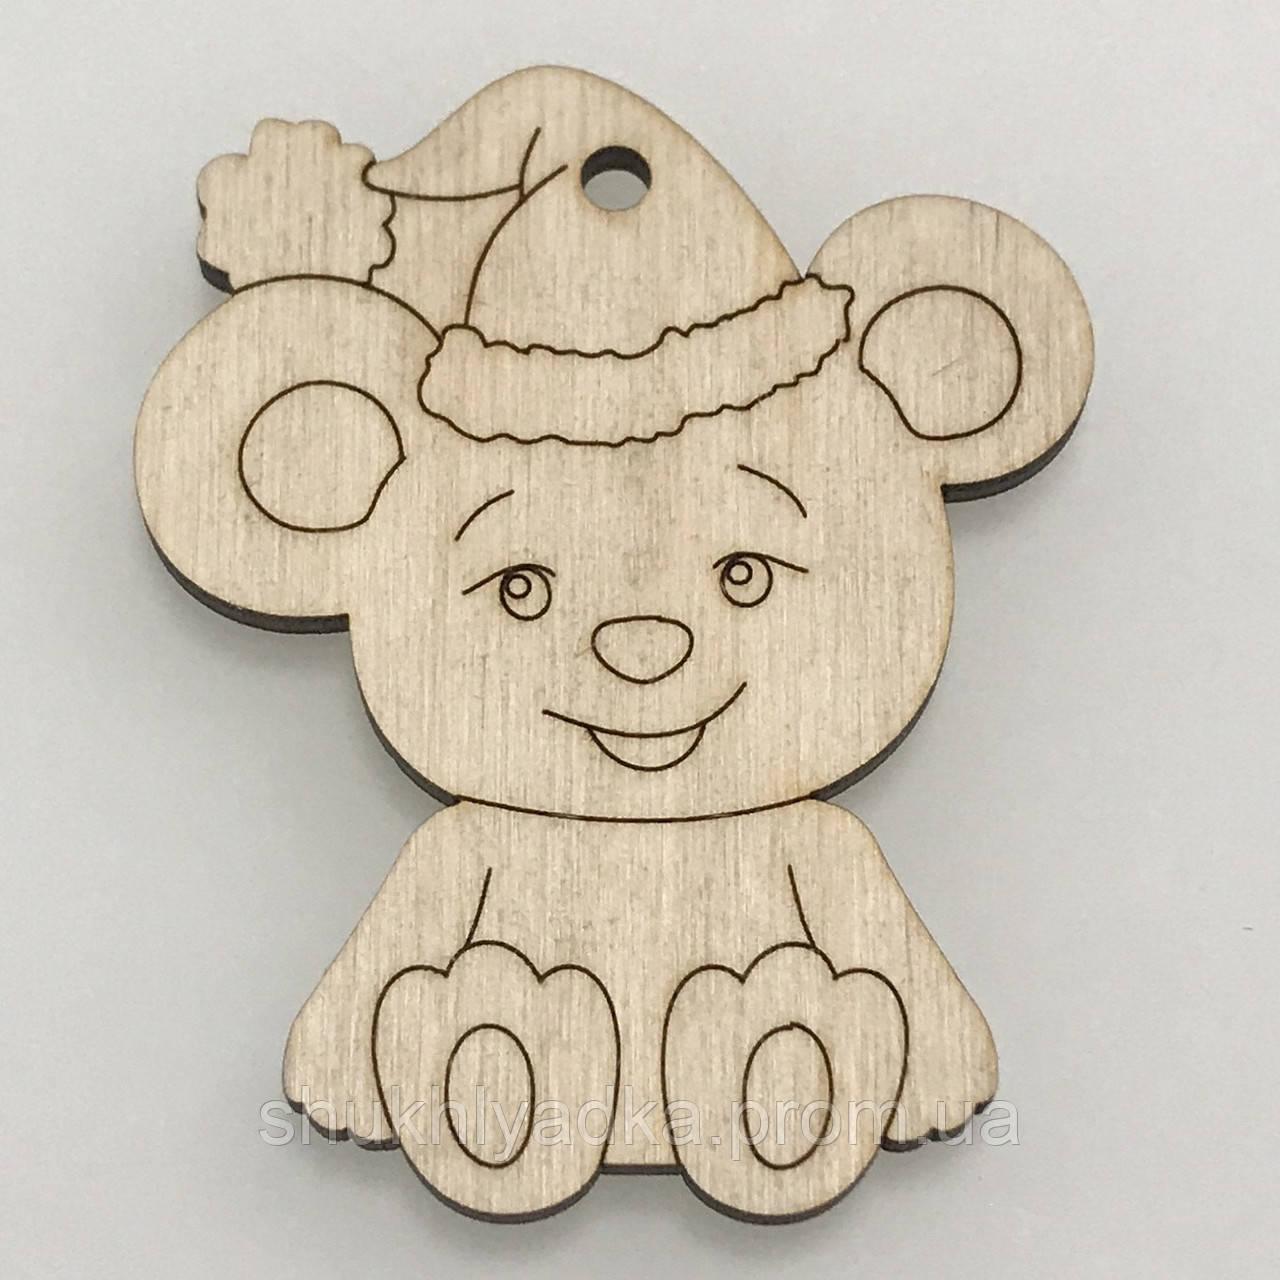 """Новогодняя деревянная елочная игрушка Подвеска """"Мышонок в шапке_две лапки""""_деревянный декор_Новый год"""